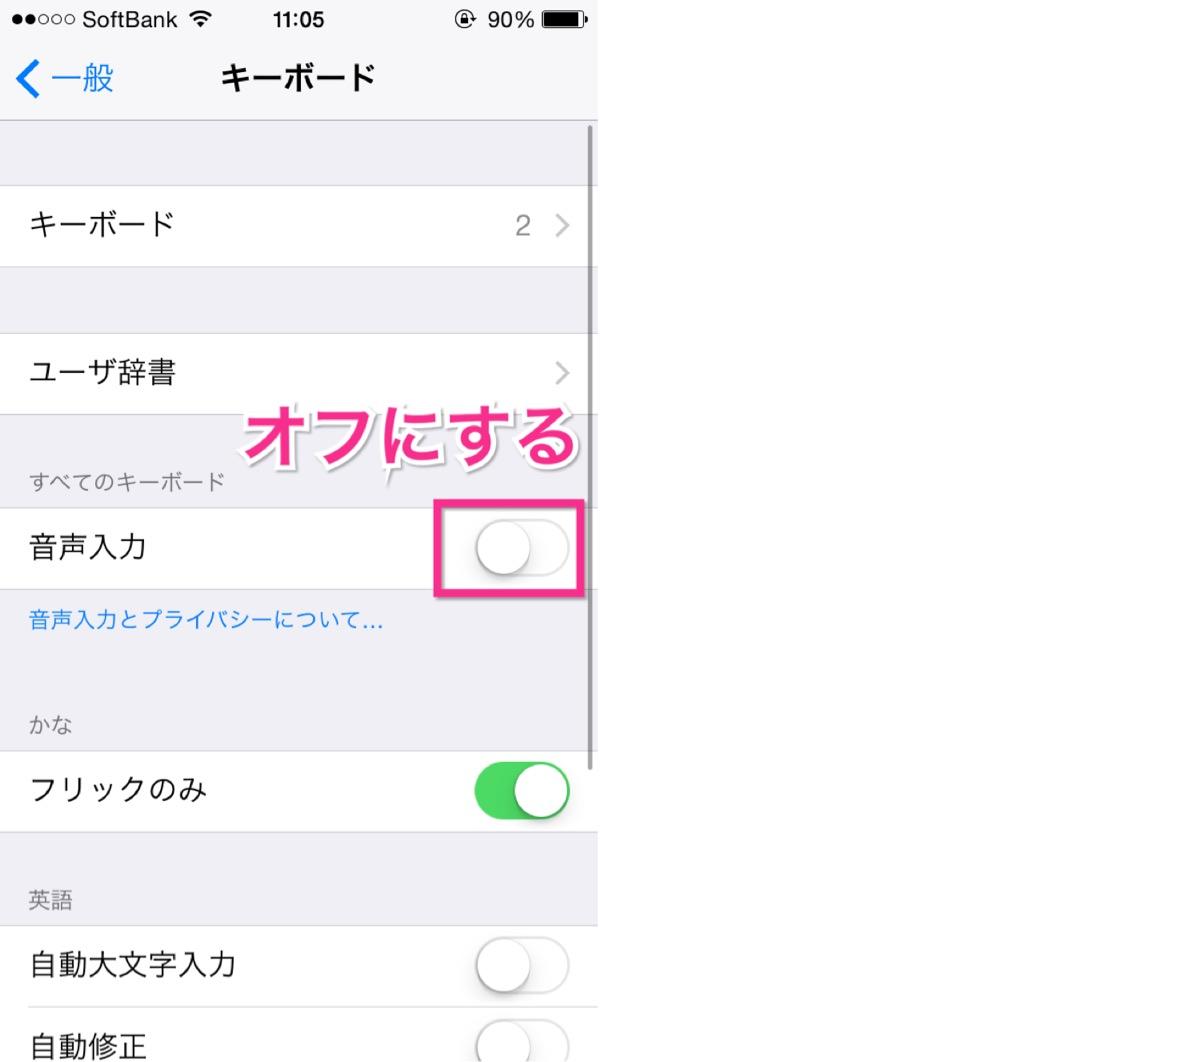 iPhoneキーボードにあるマイクを消す方法